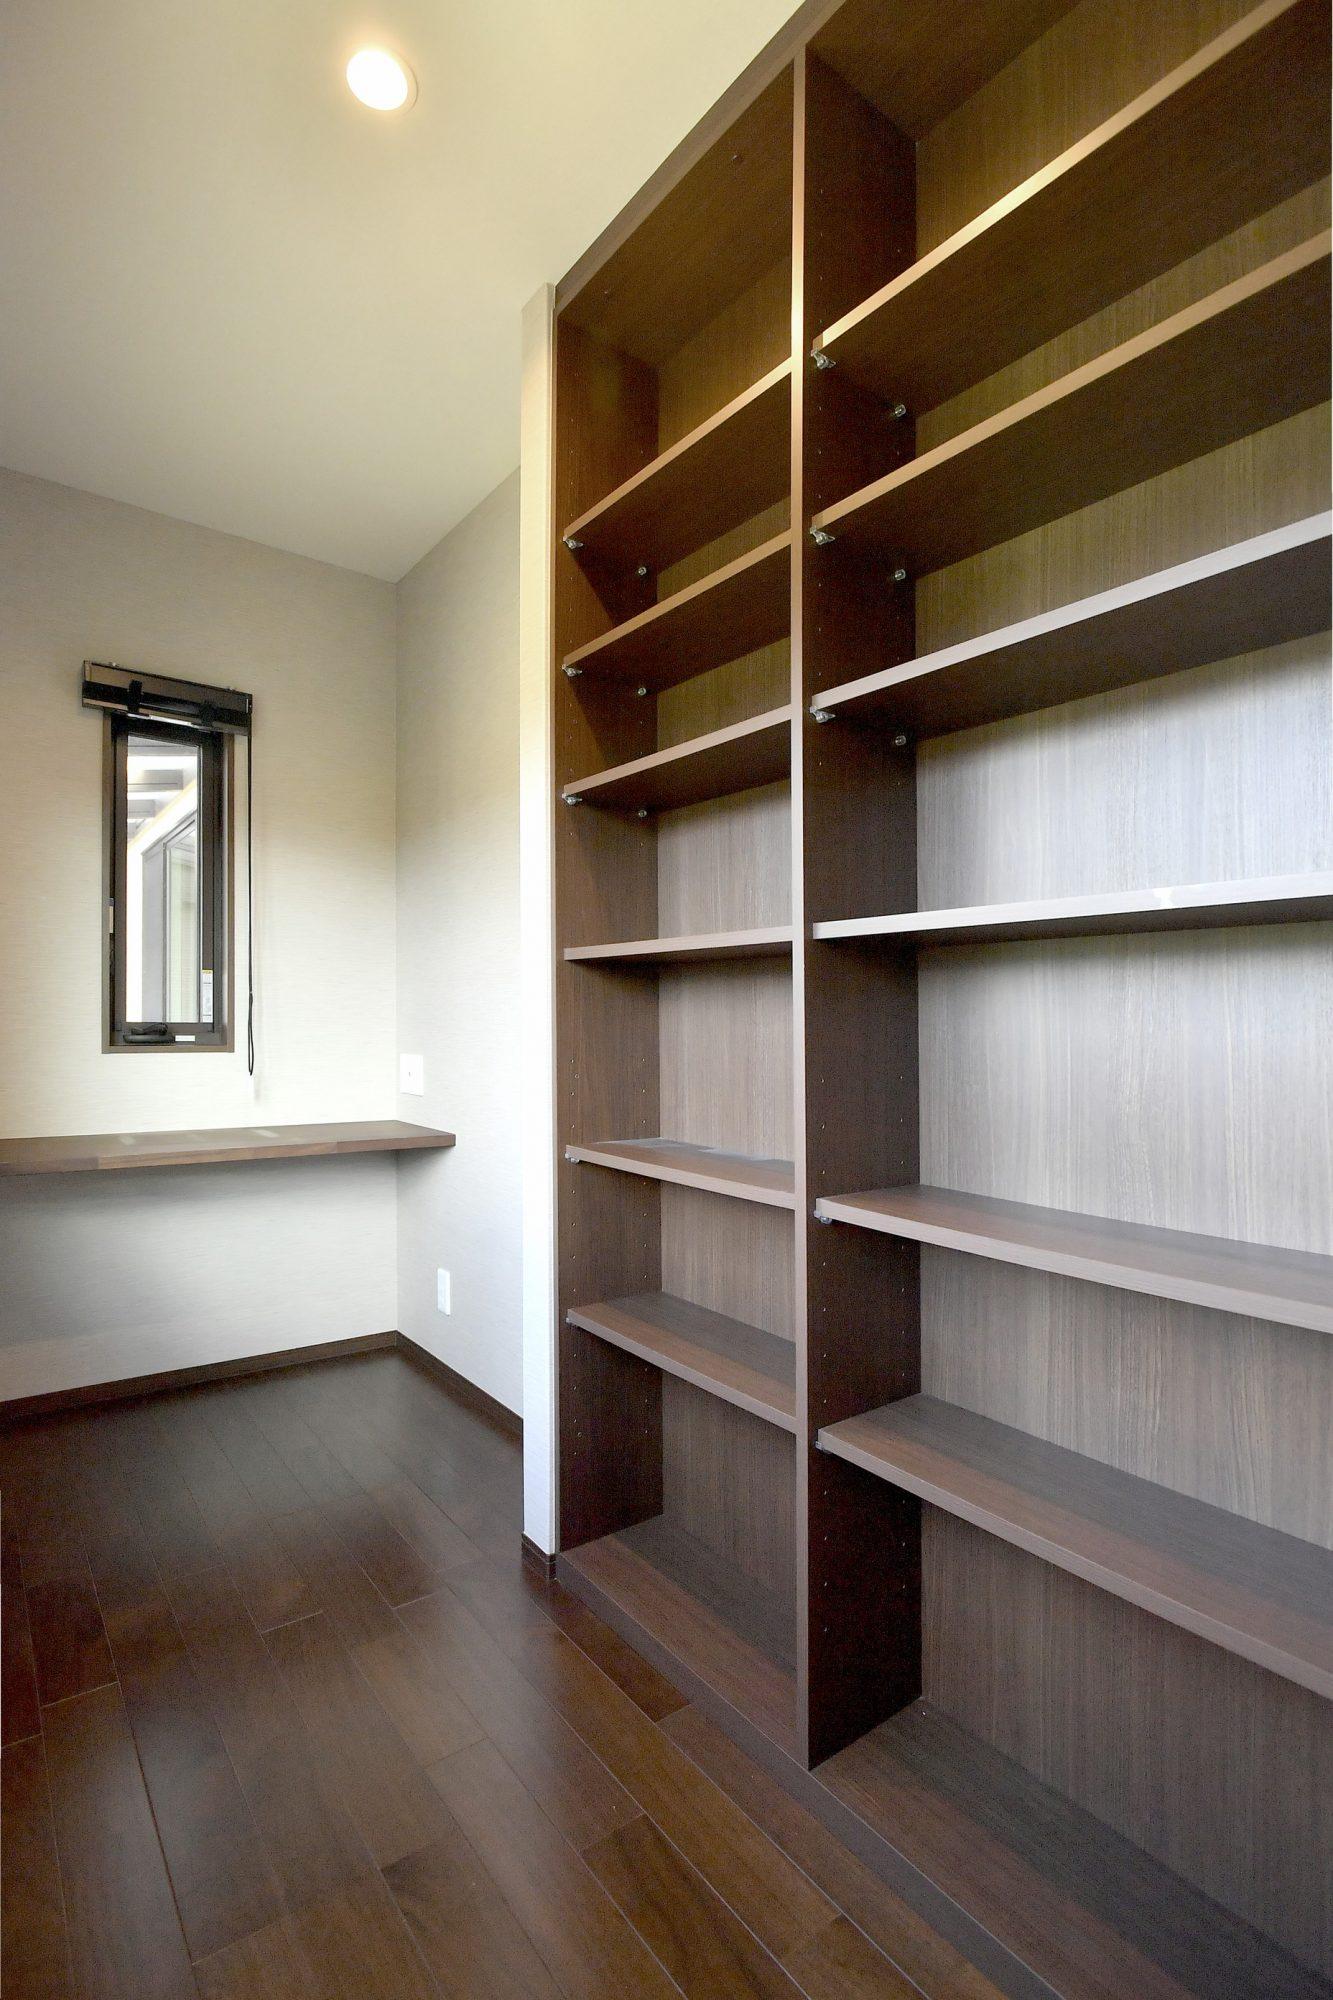 主寝室の横には書斎スペースあり!